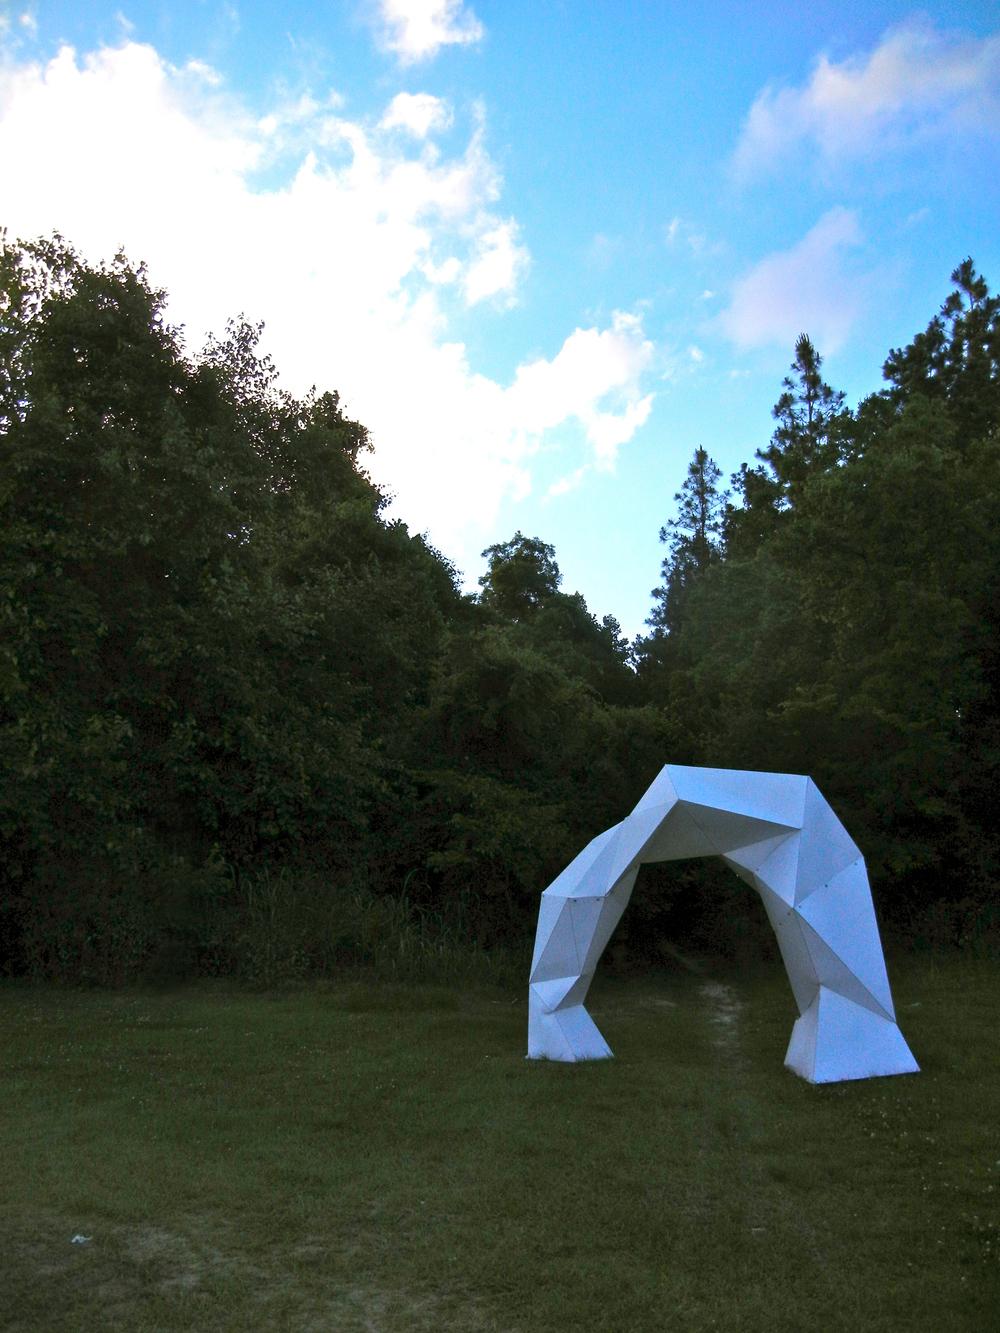 woolhiser_arch_installation.JPG